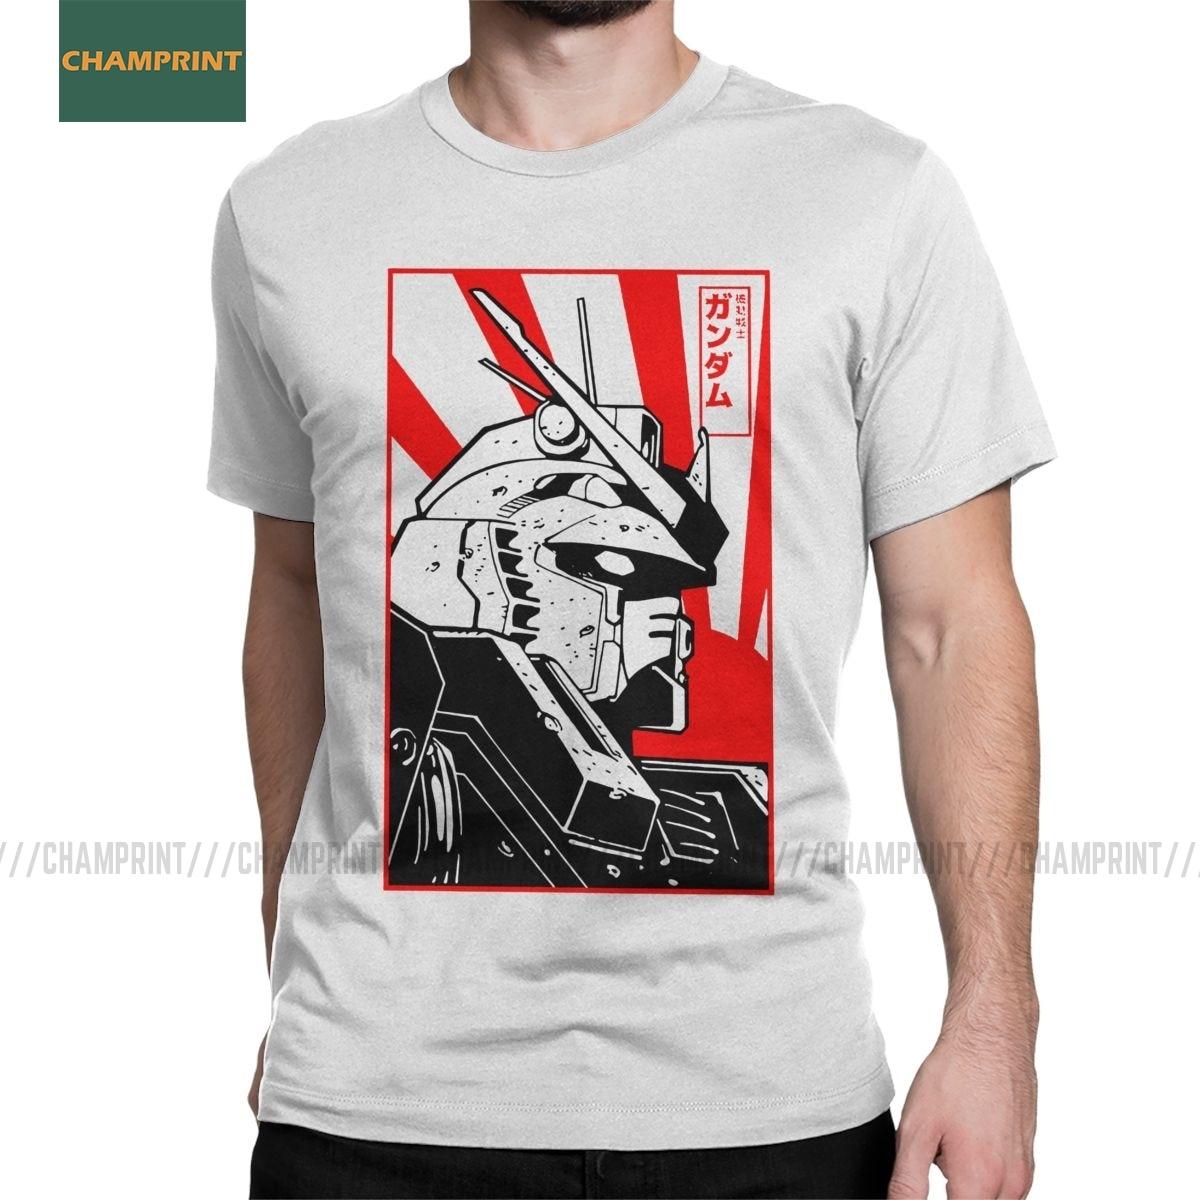 T-shirts de manga curta incrível camiseta de algodão harajuku gunpla t-shirts de cabeça t anime mech robô manga mecha japão